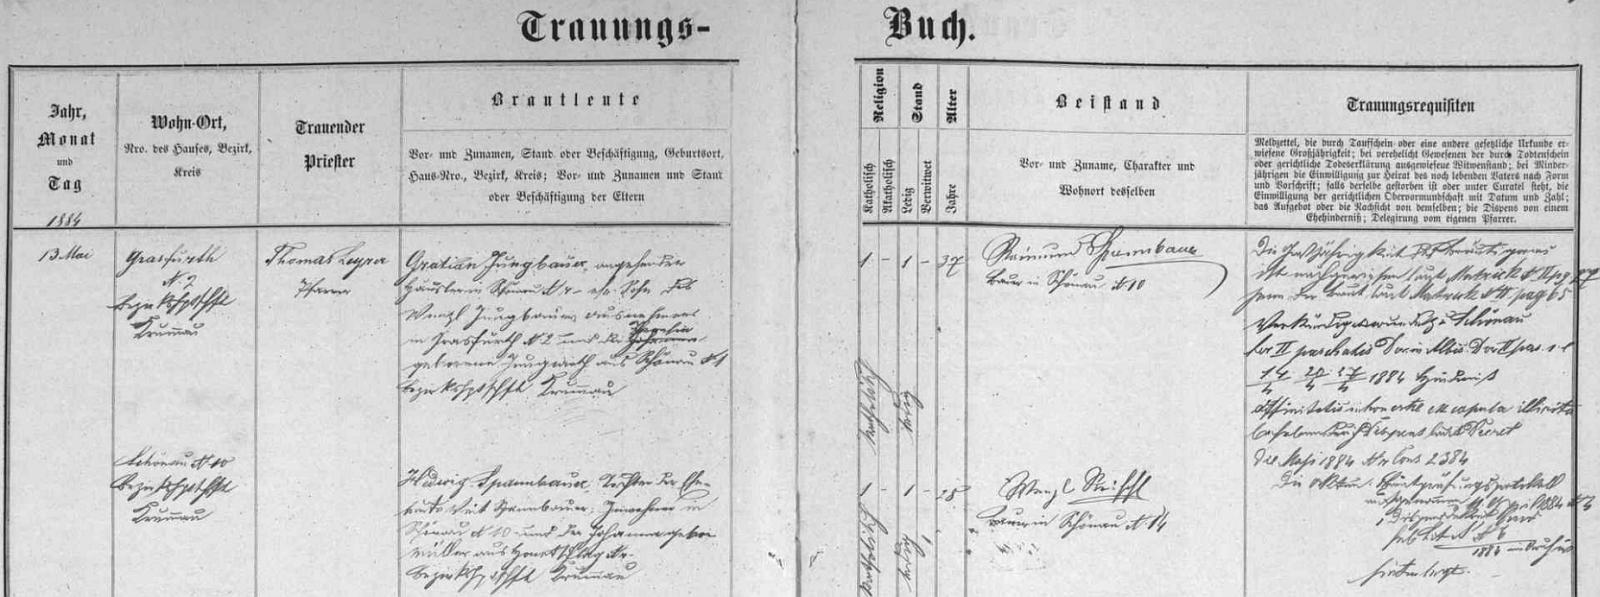 Svatba Gratiana Jungbauera a Hedwig Spannbauerové, jak ji zaznamenává oddací matrika farní obce Šenava (dnes Pěkná)